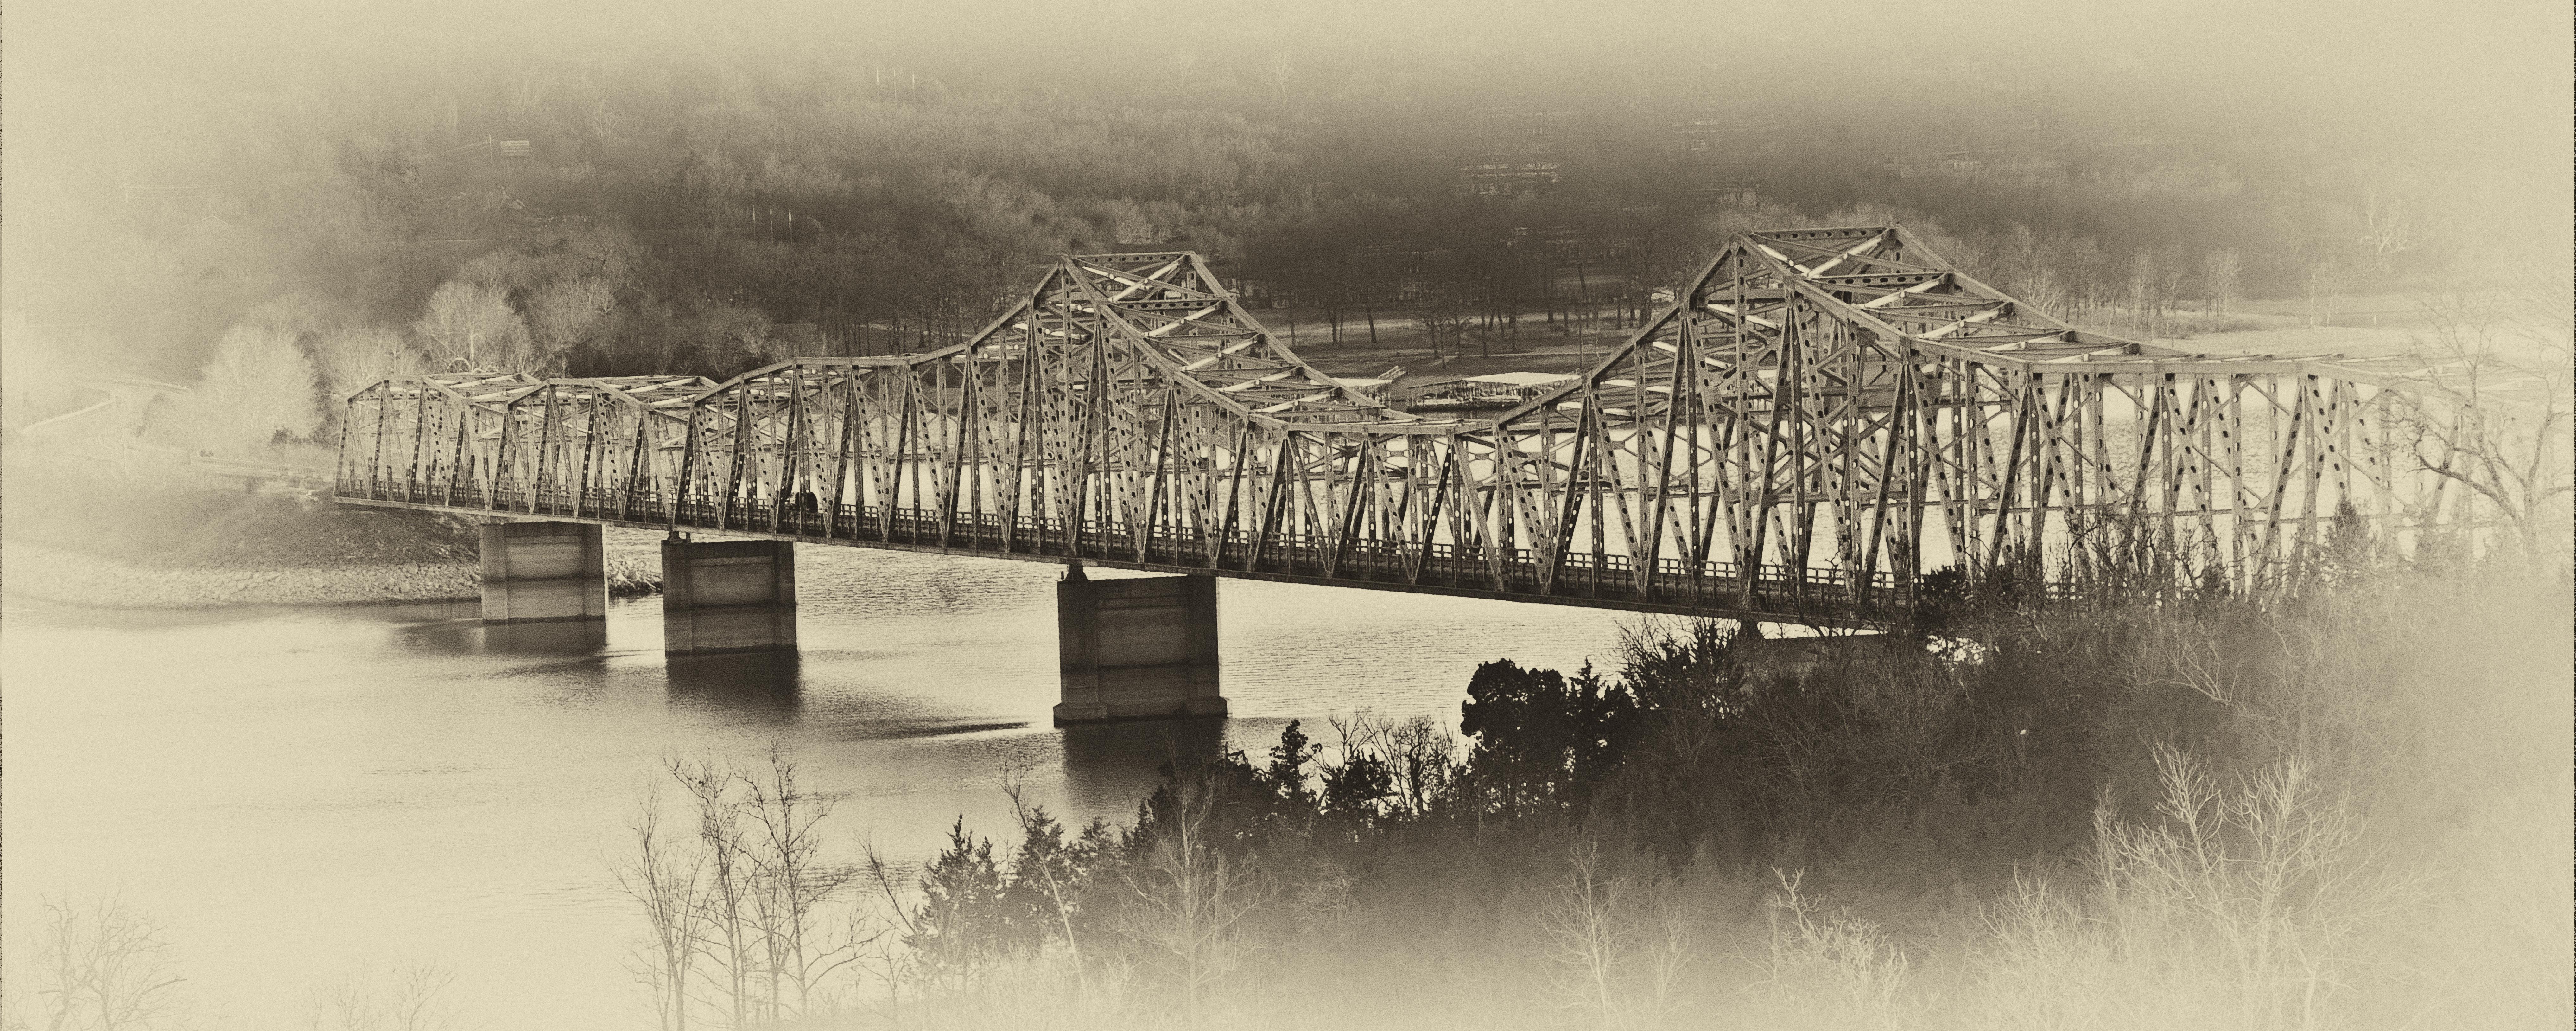 Antiqued Bridge